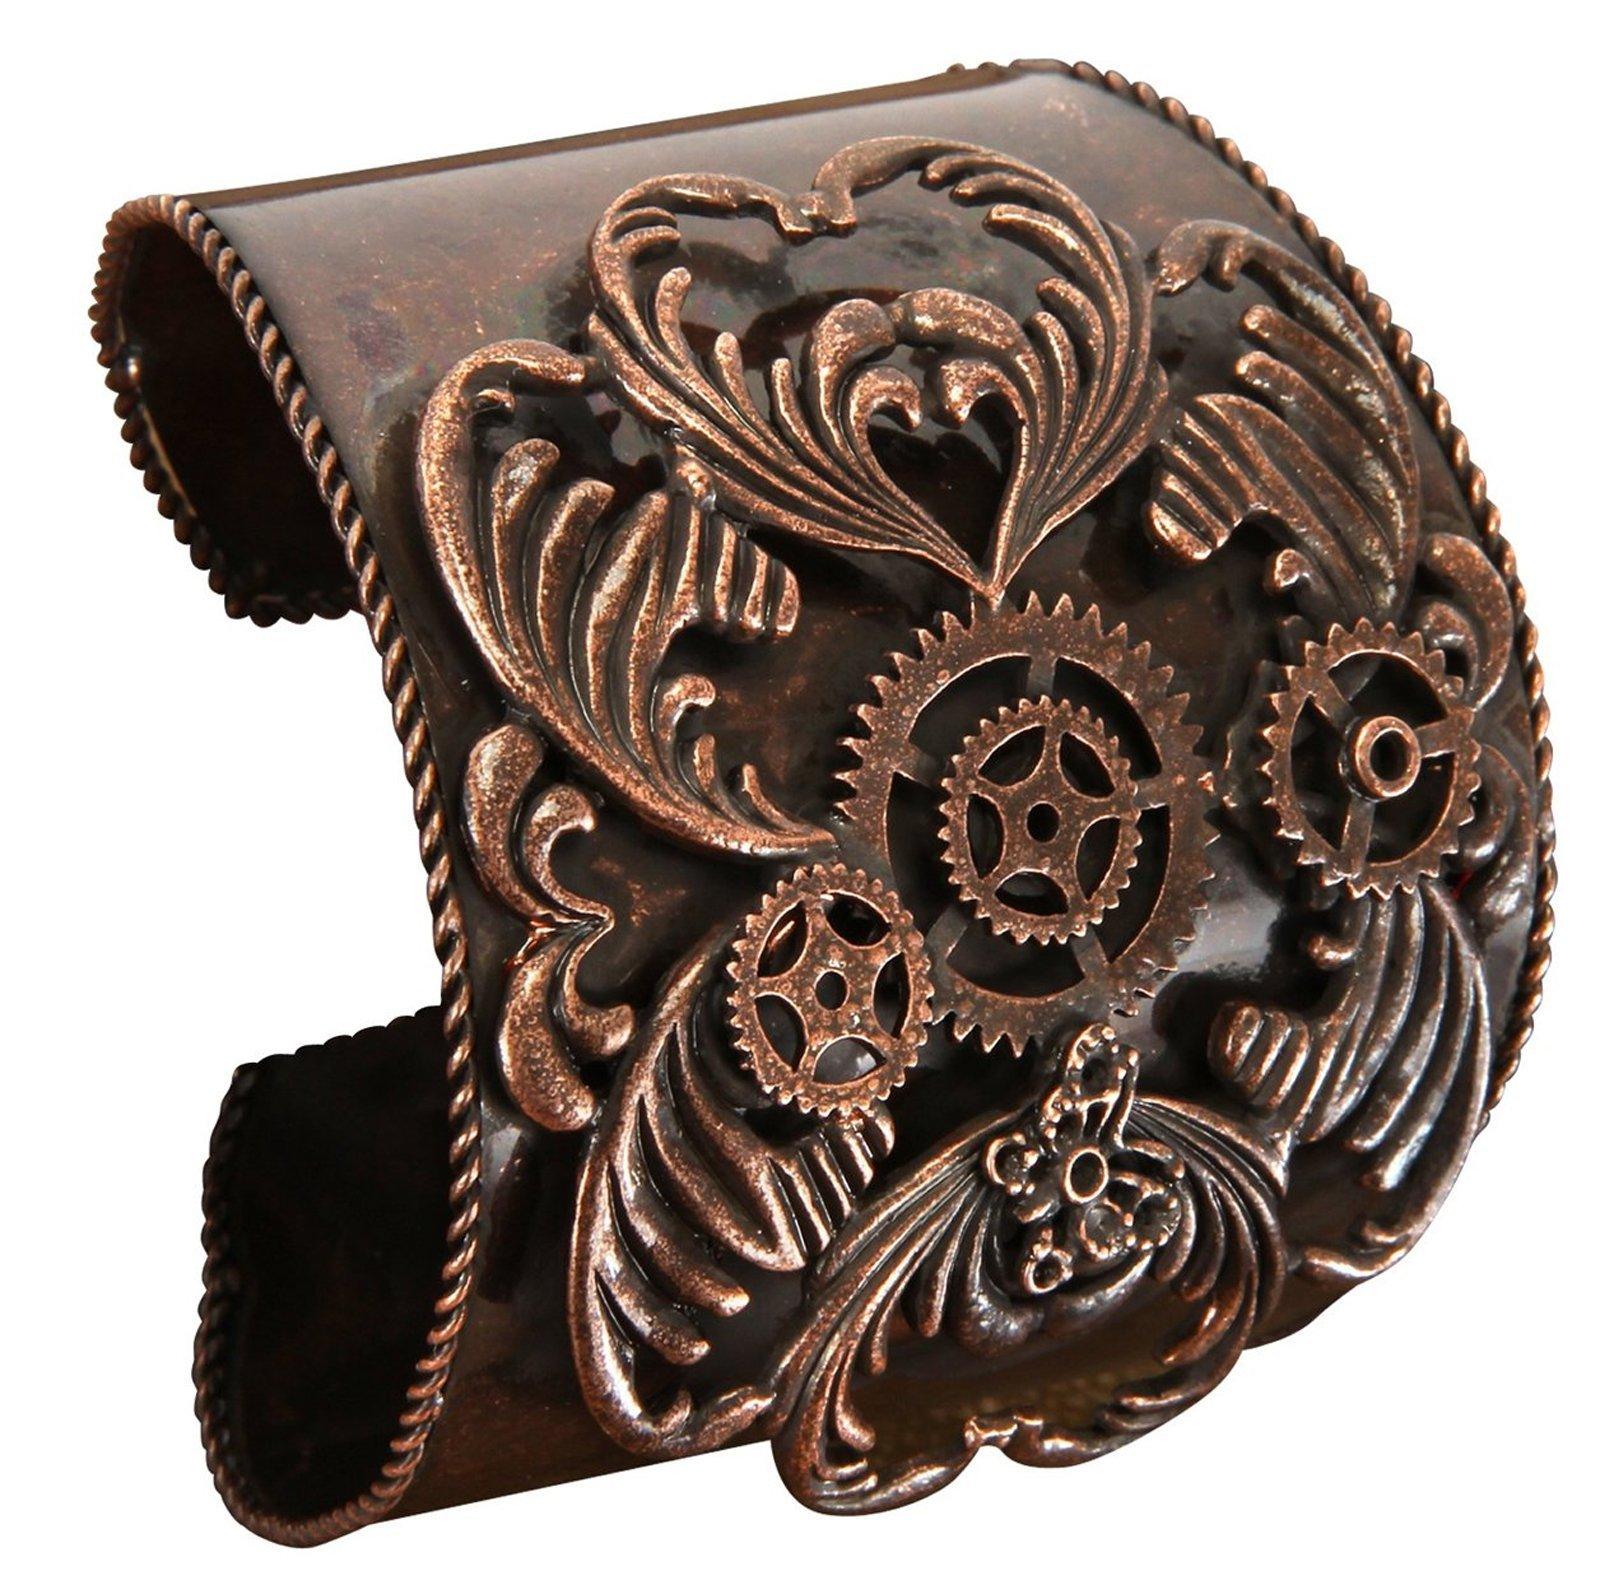 Steampunk Costume Copper Cuff Bracelet Jewelry Accessory 3